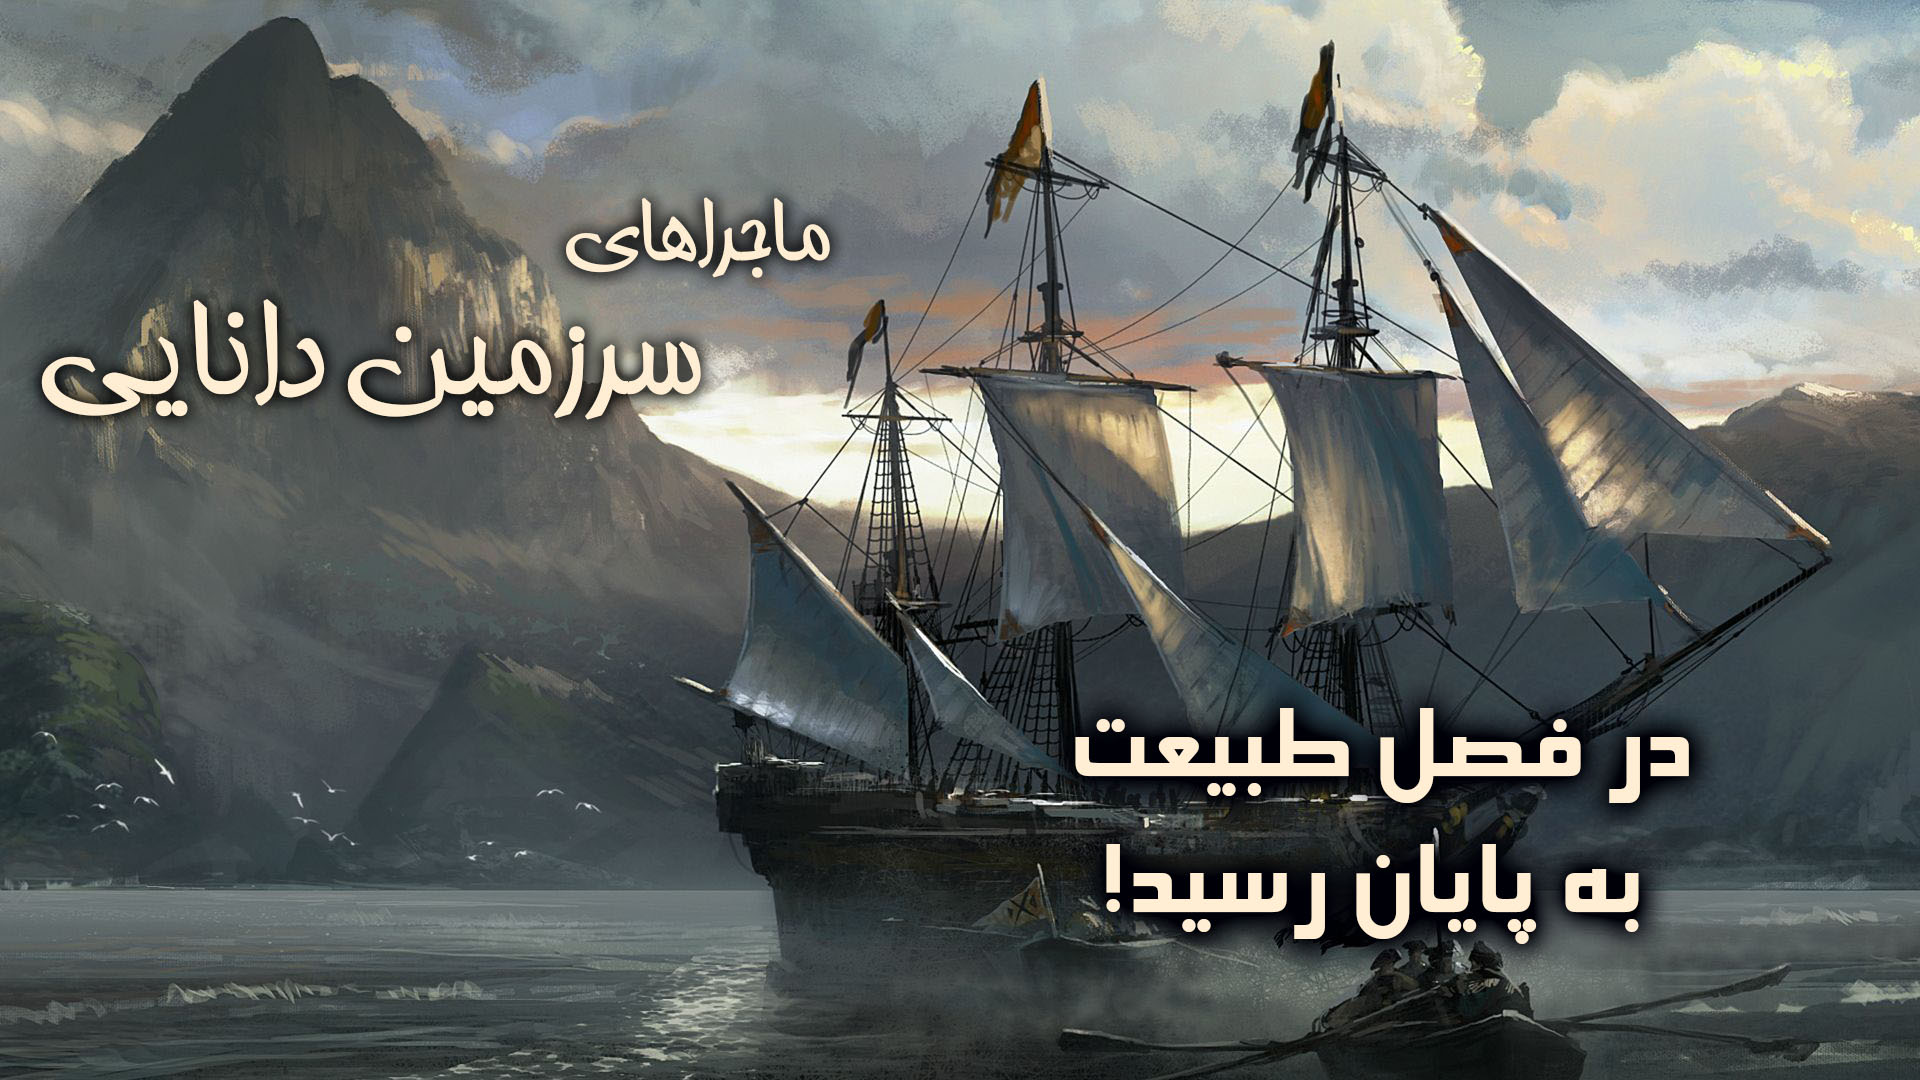 پایان سفر سرزمین دانایی